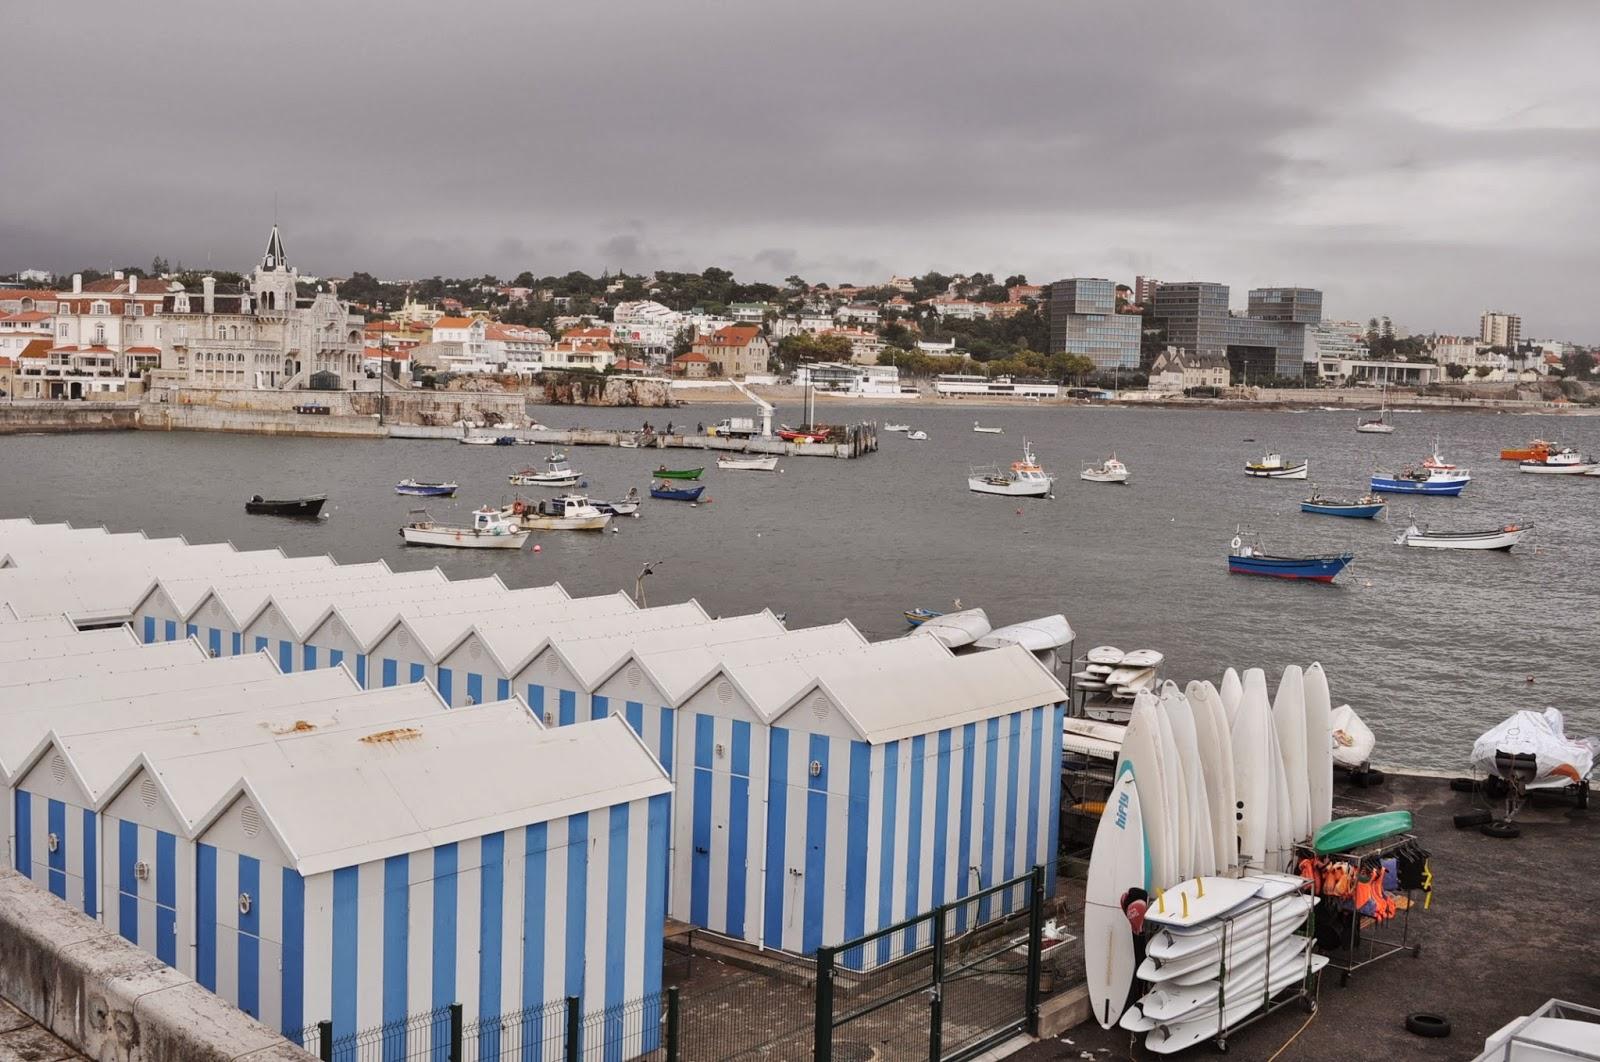 Кашкаиш се нарича и едно от реномираните им курортни градчета, недалеч от столицата. В някогашното рибарско селце днес се кипрят едни от най-красивите и скъпите им резиденции, а в яхтеното пристанище са пуснали котва ветроходните возила на местни тузари.